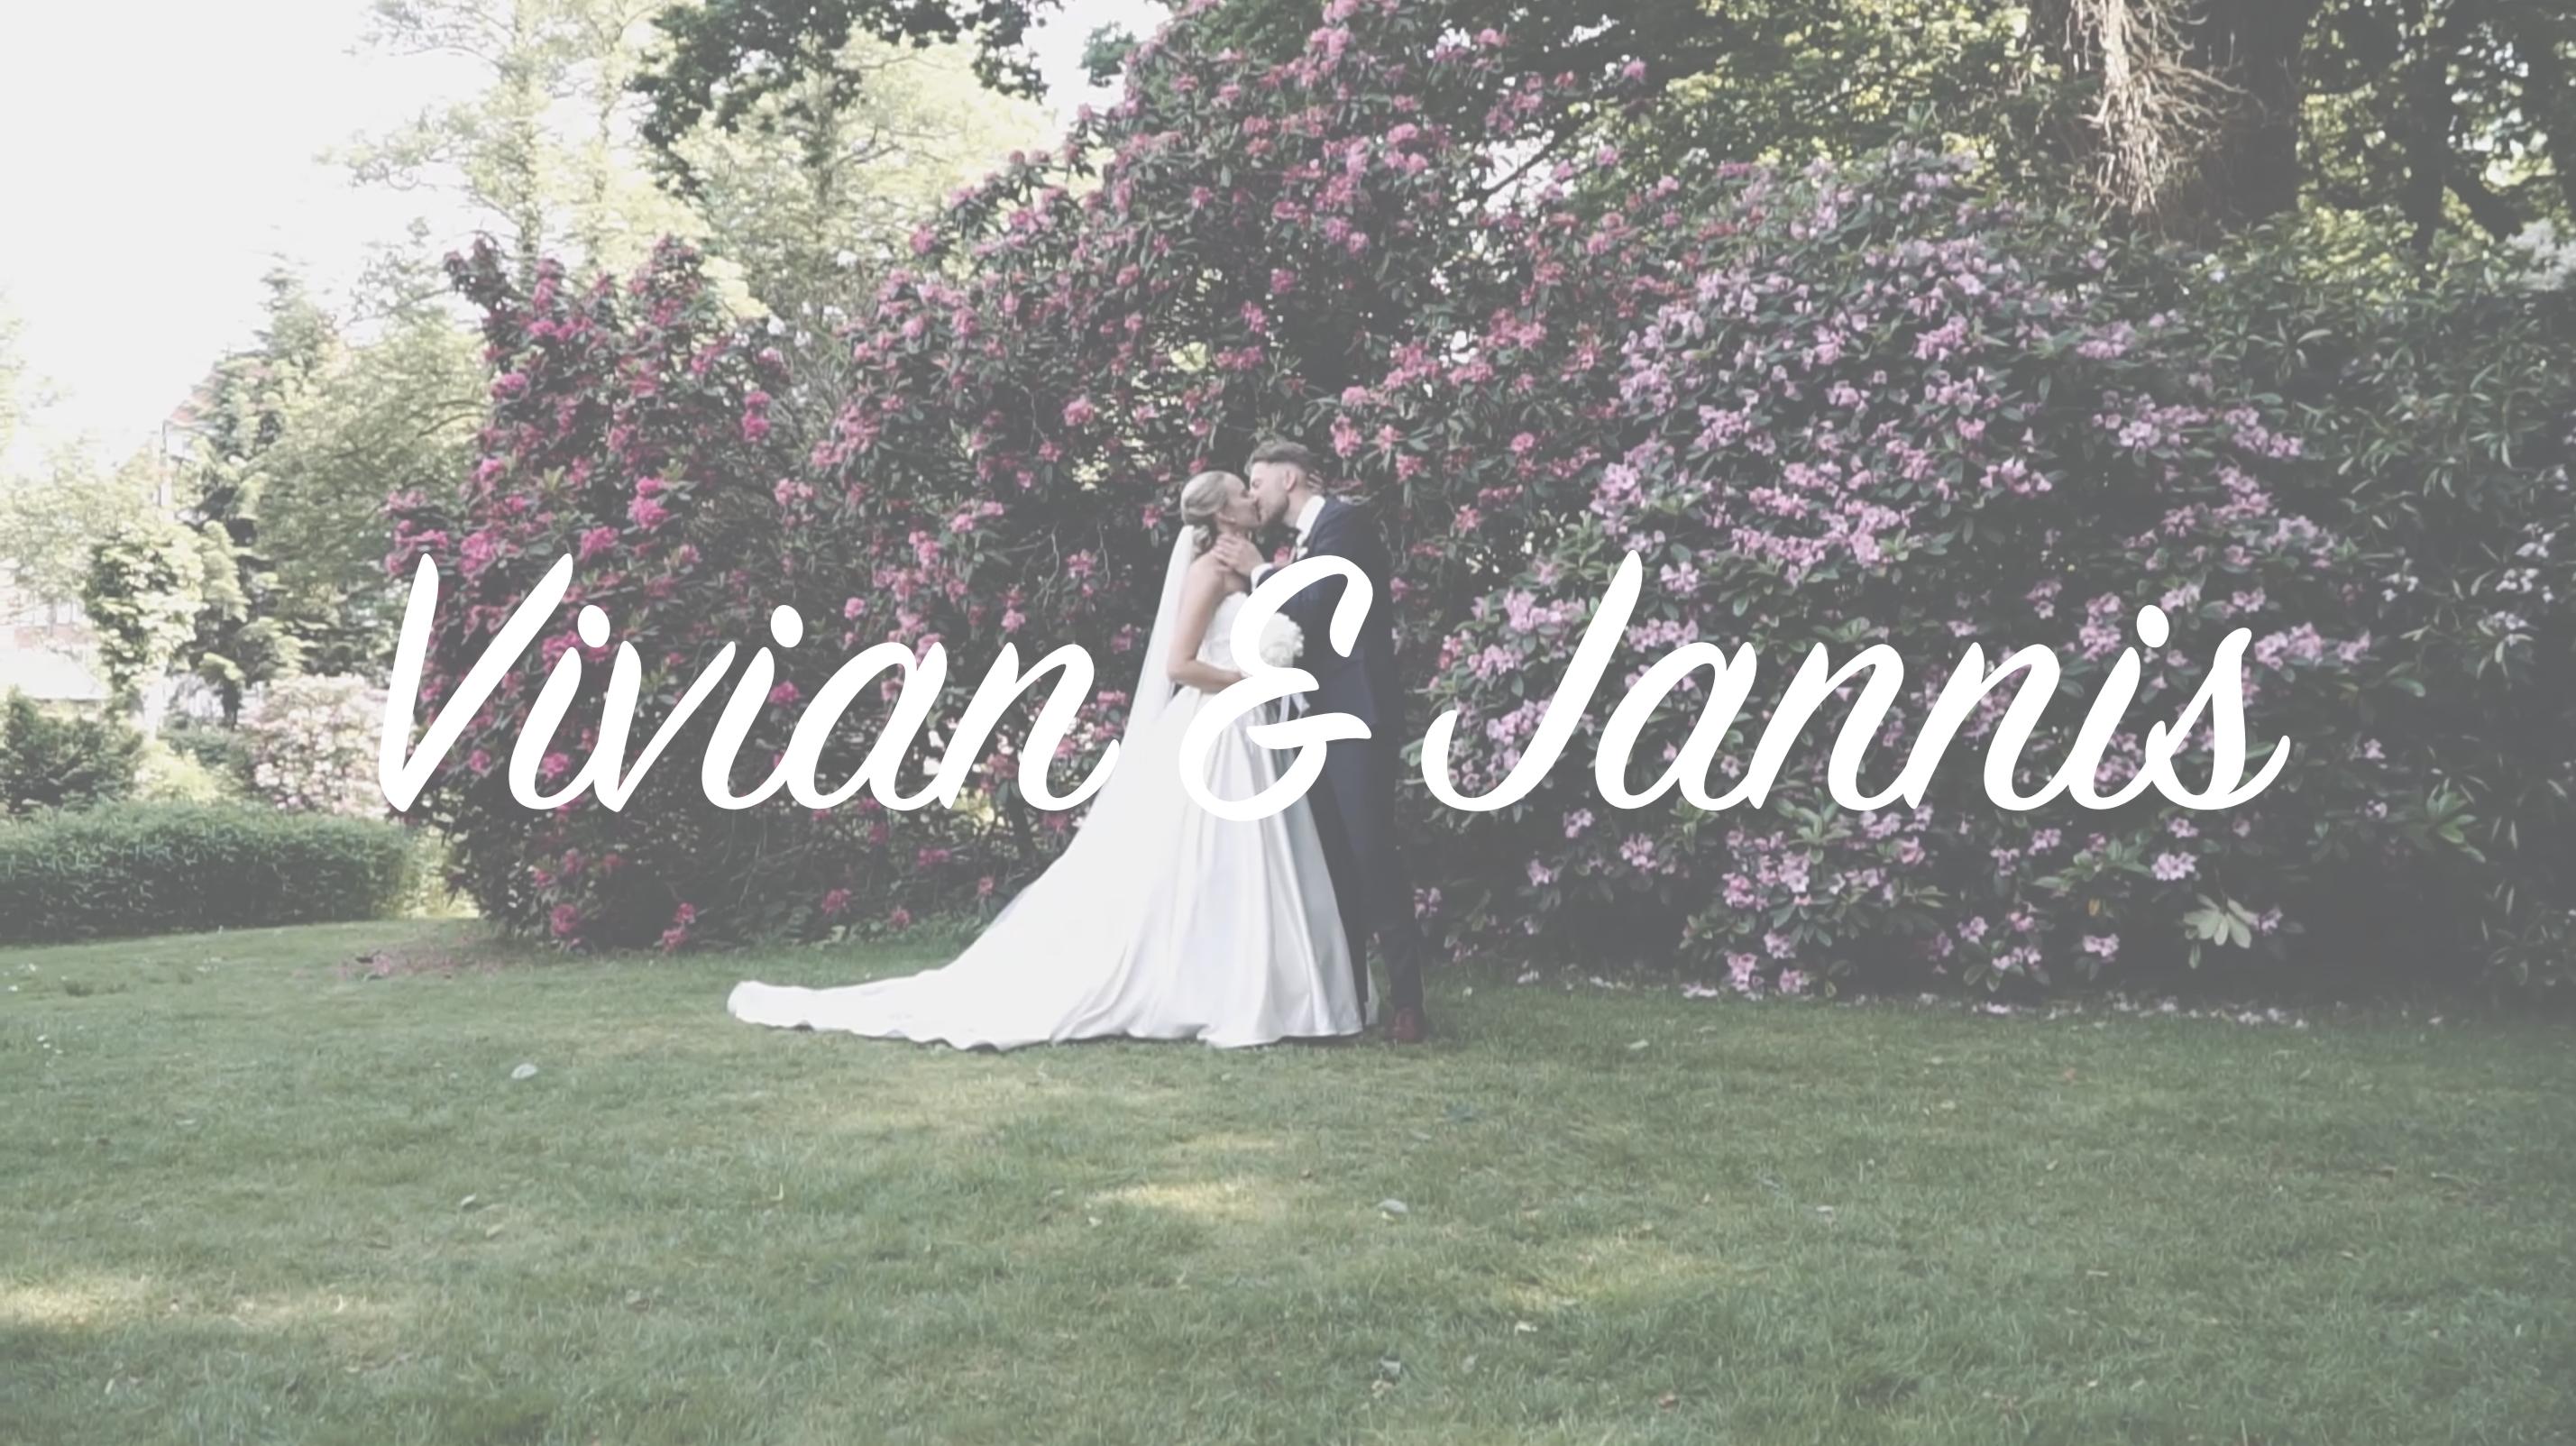 Vivian & Jannis